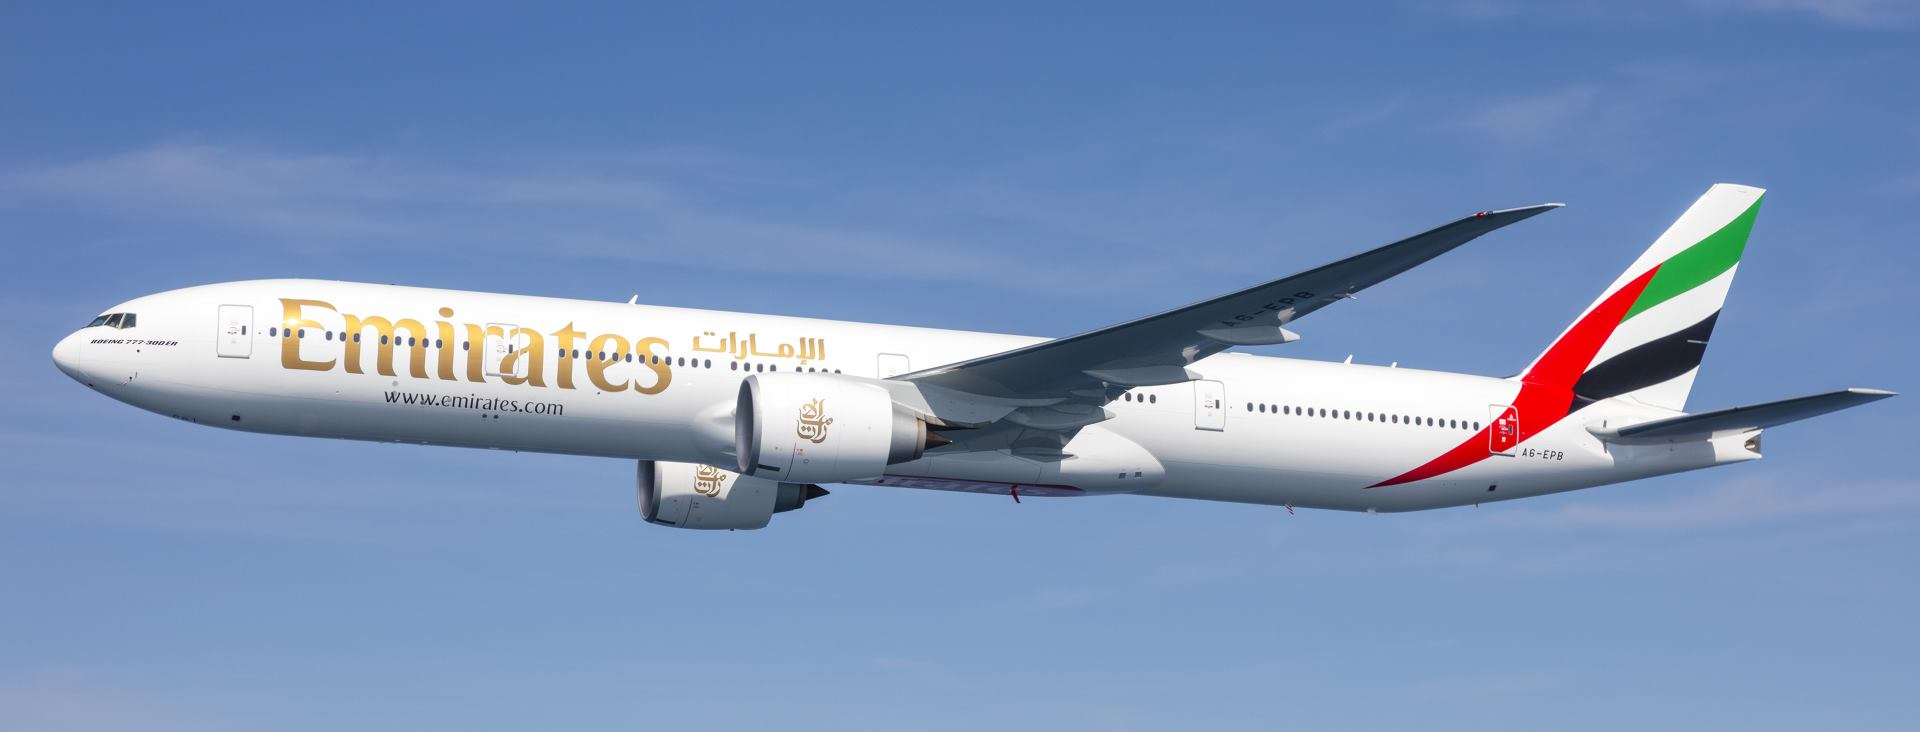 Produljite svoj ljetni odmor uz Emirates